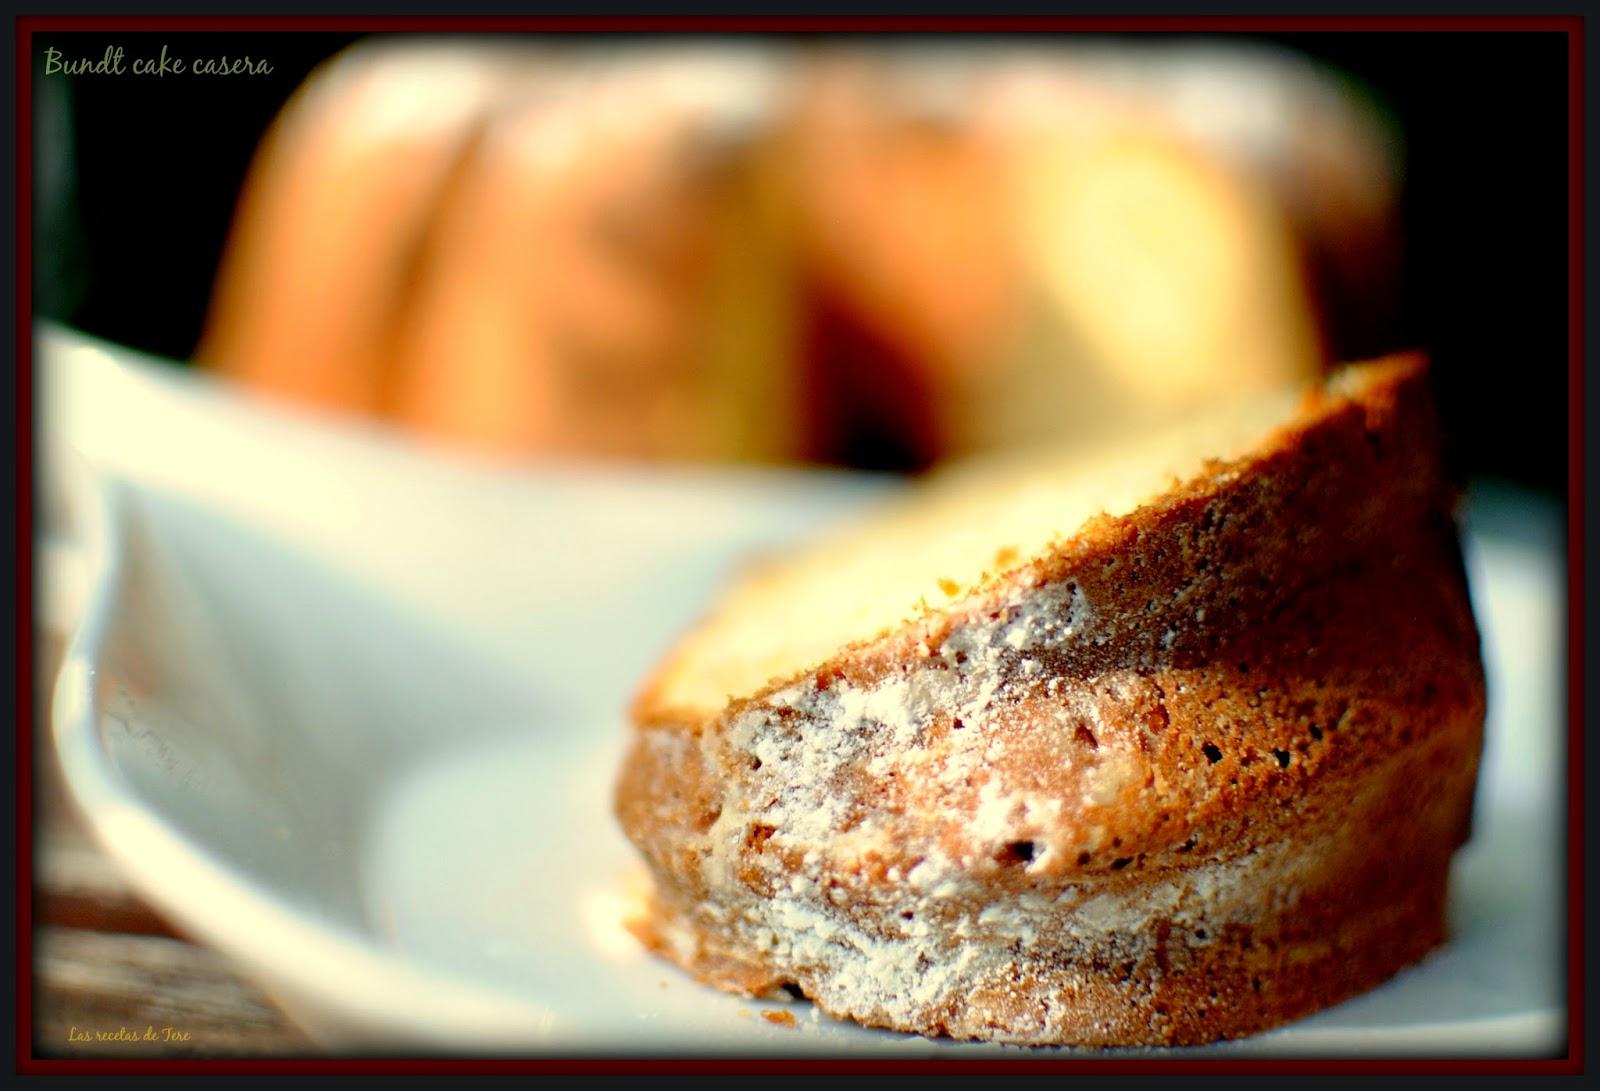 bundt cake casera  las recetas de tere 06